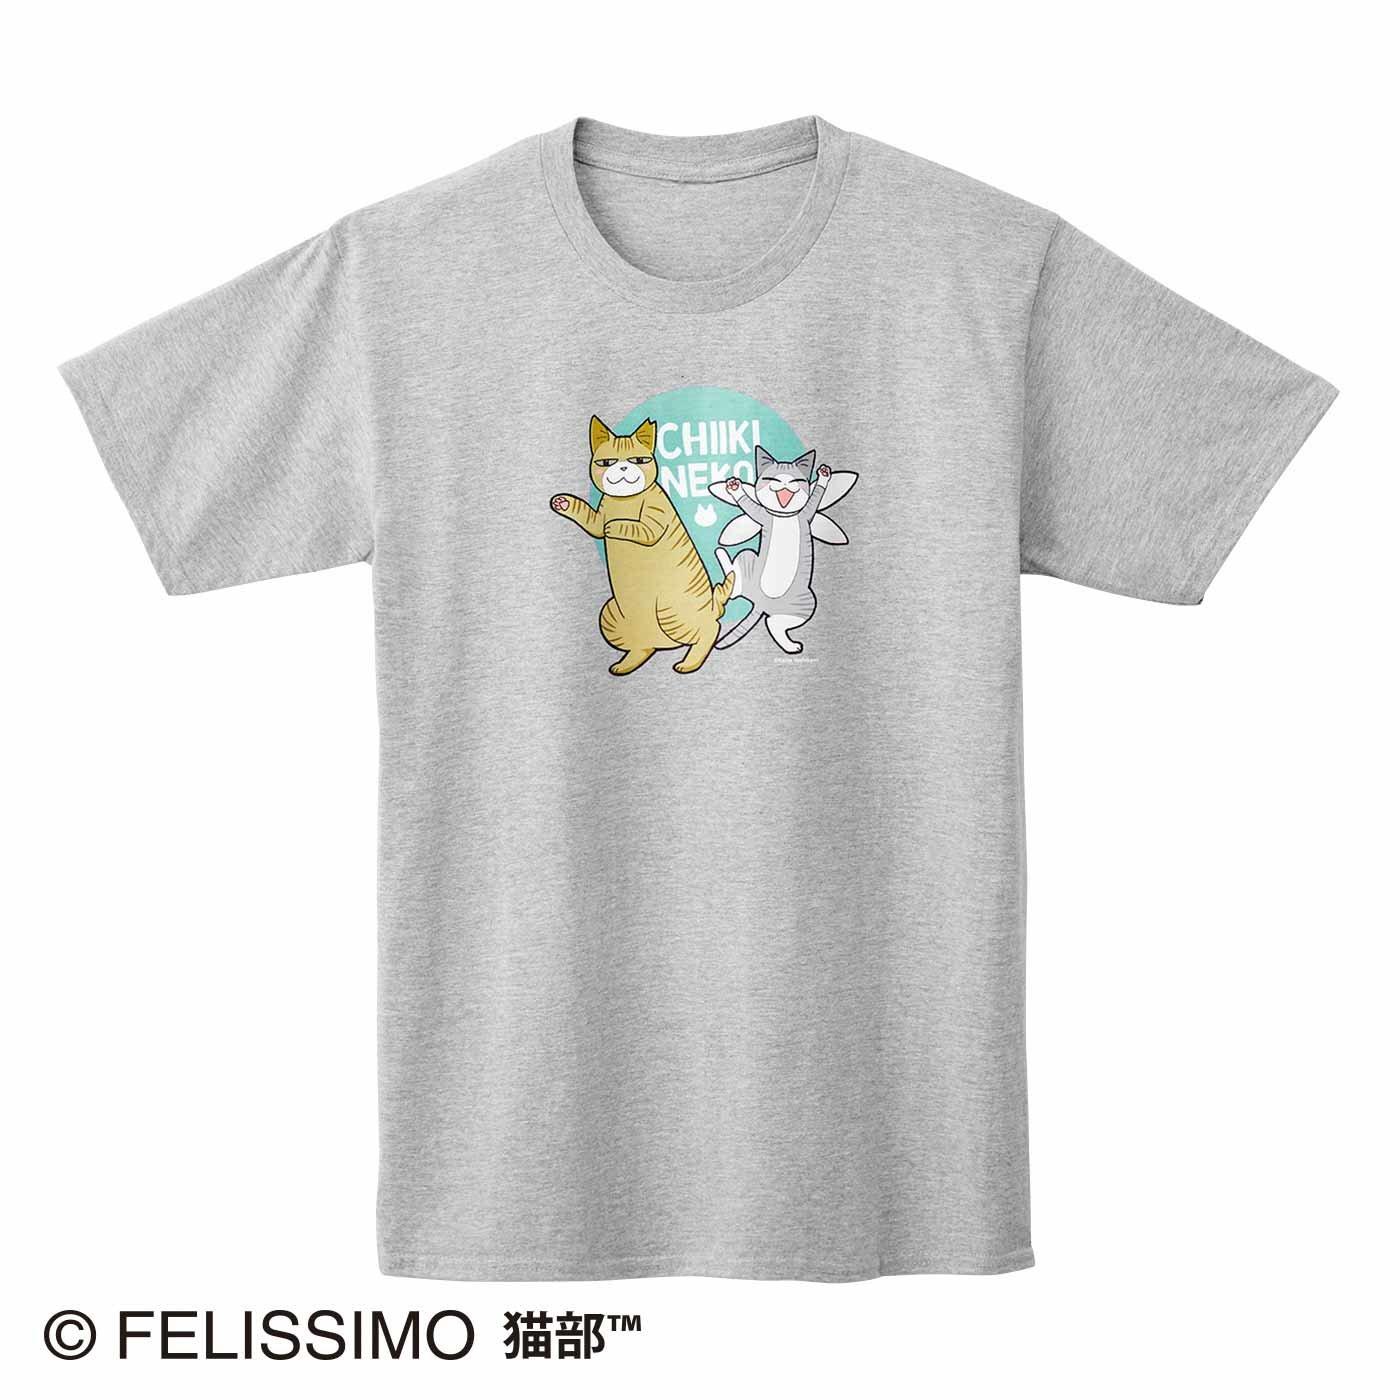 吉川景都×猫部 地域猫チャリティーTシャツ2021